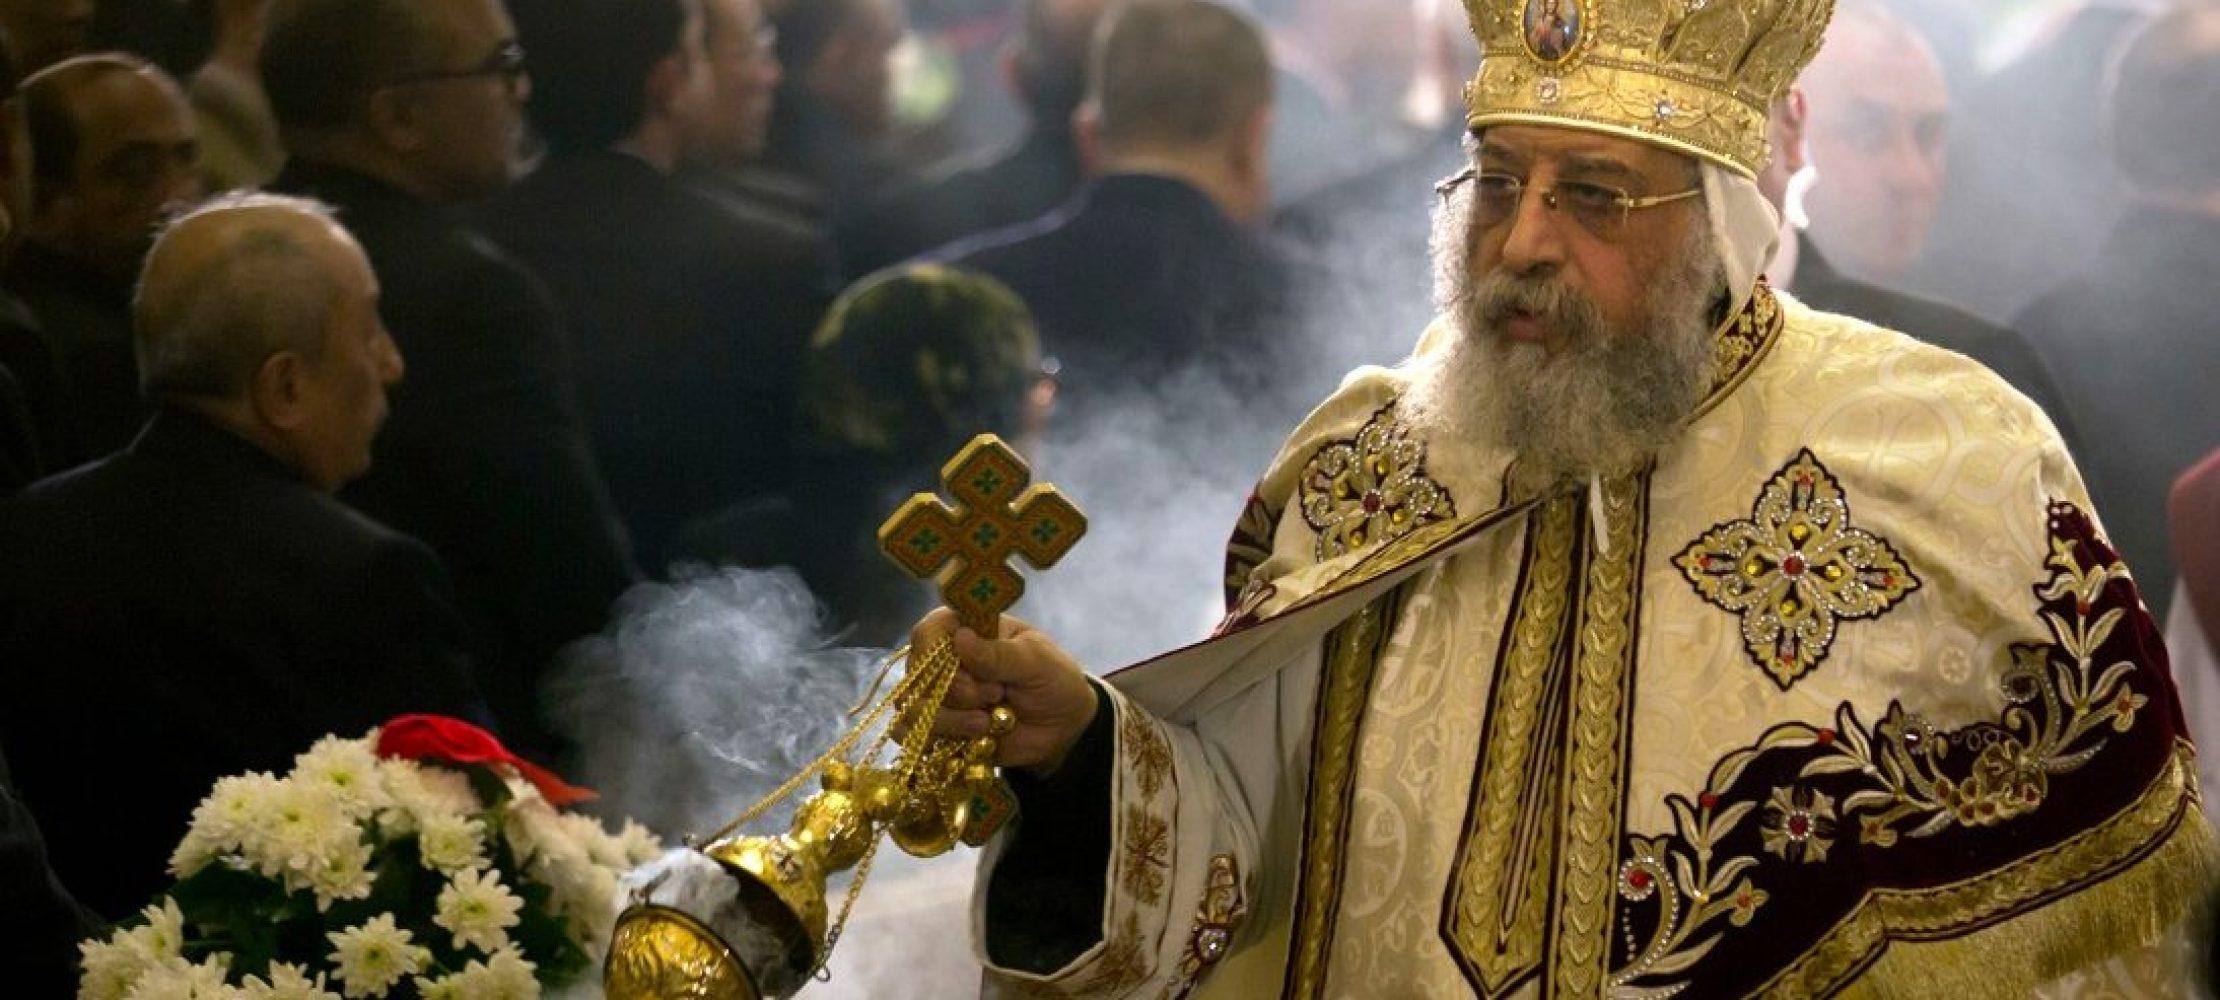 Orthodoxe Weihnachten.Warum Feiern Orthodoxe Christen So Spat Weihnachten Duda News